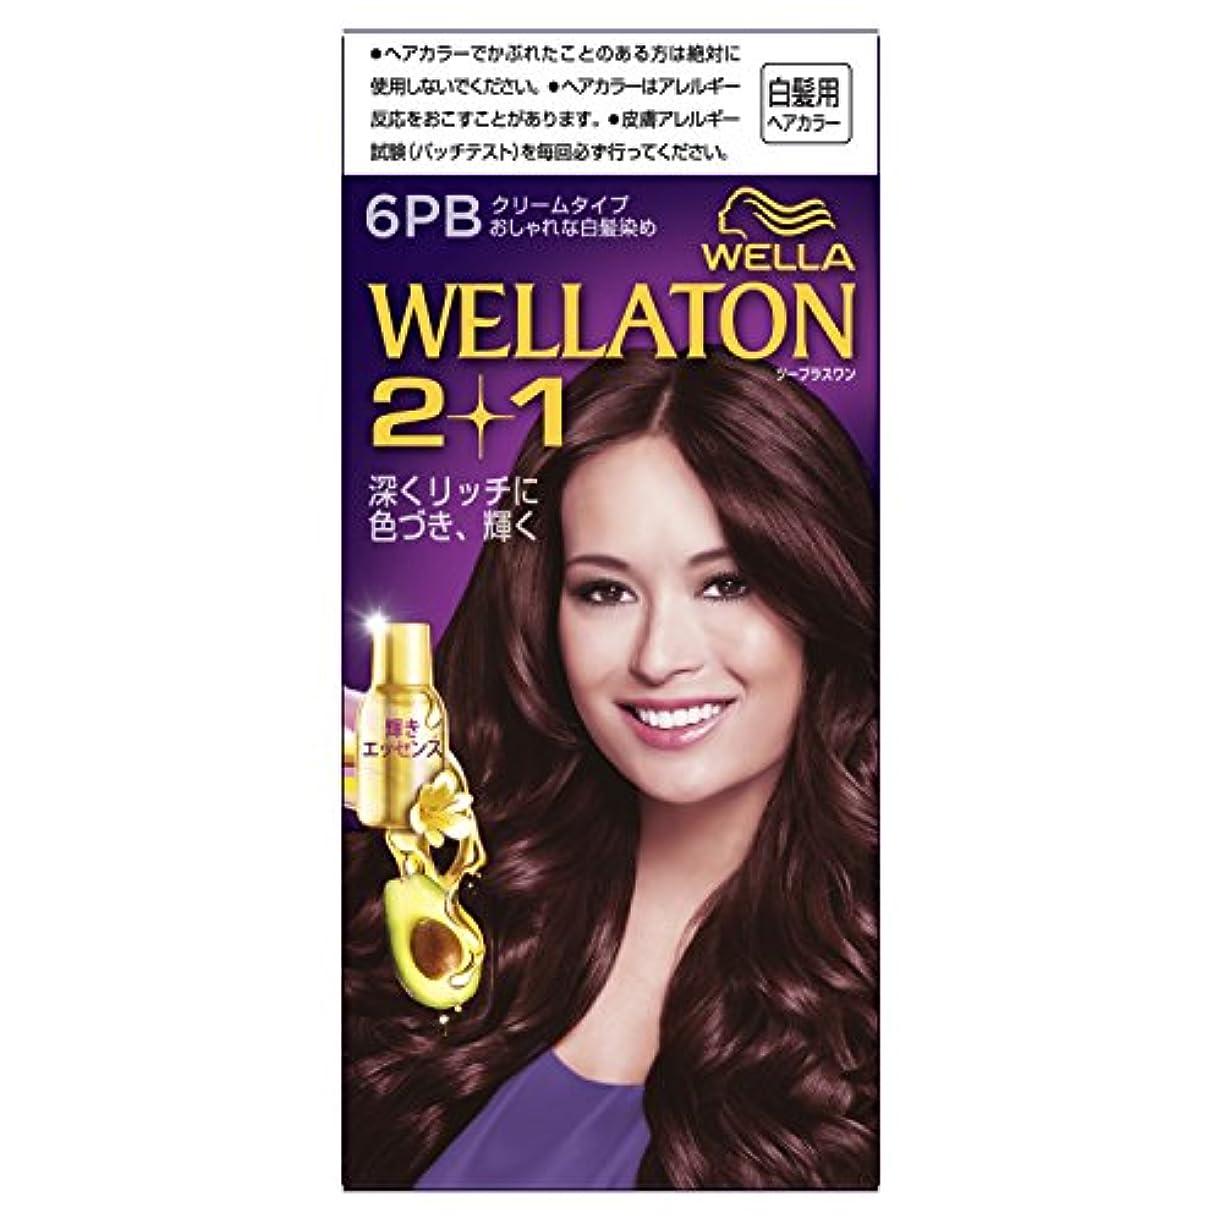 フルーティー不当征服するウエラトーン2+1 クリームタイプ 6PB [医薬部外品](おしゃれな白髪染め)